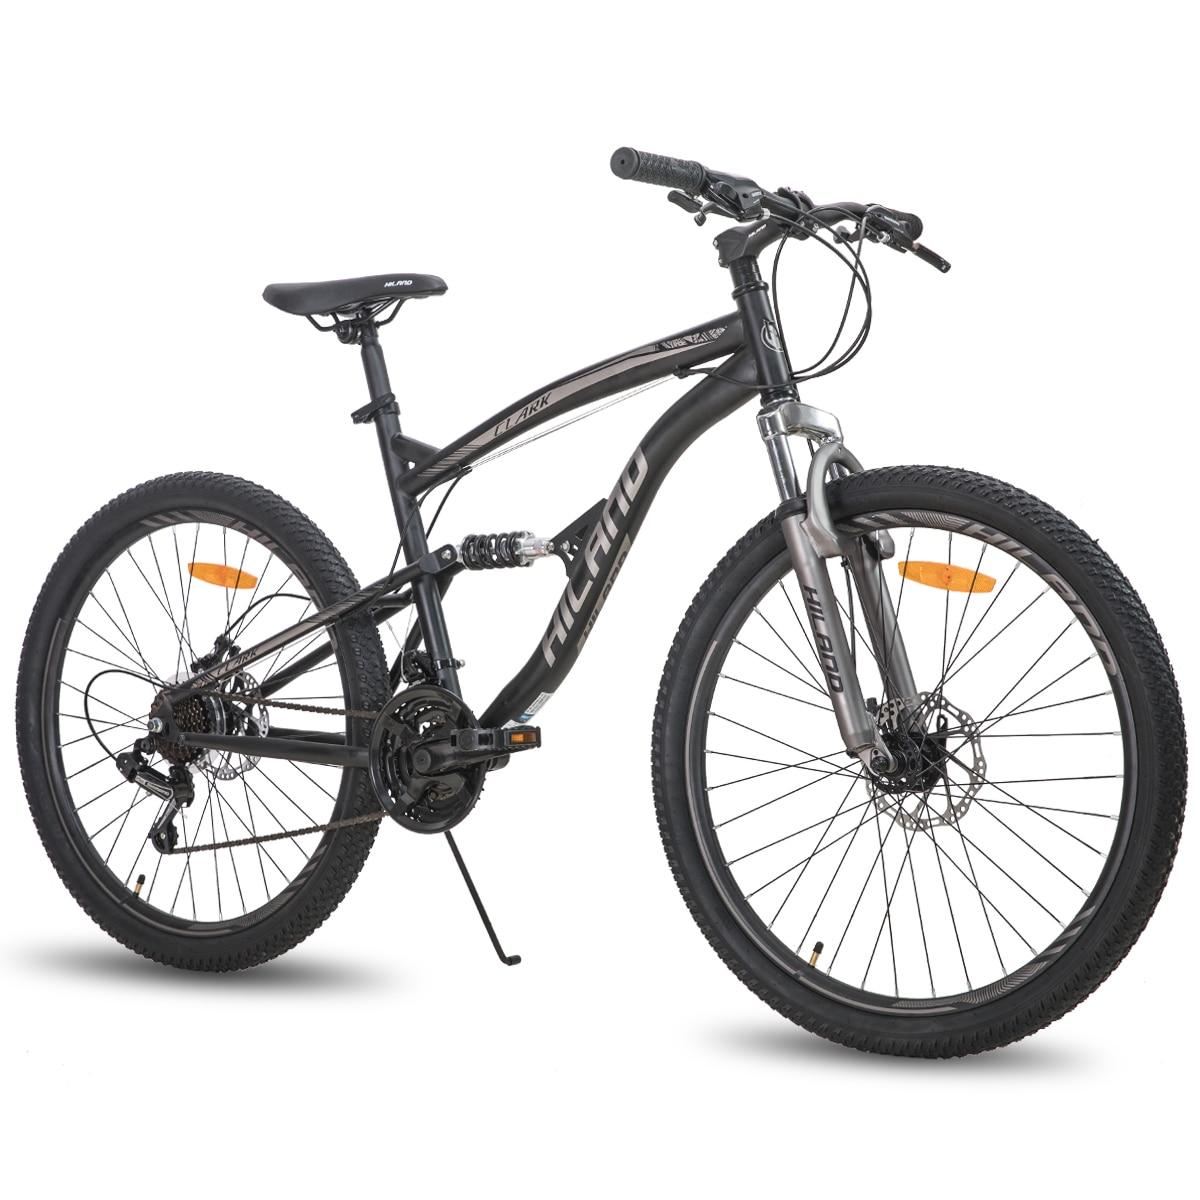 Горный велосипед HILAND, колеса 26 дюймов, стальная рама, колеса 21 скорость, двойной дисковый тормоз, запчасти Shimano, склад в Нидерландах, ЕС